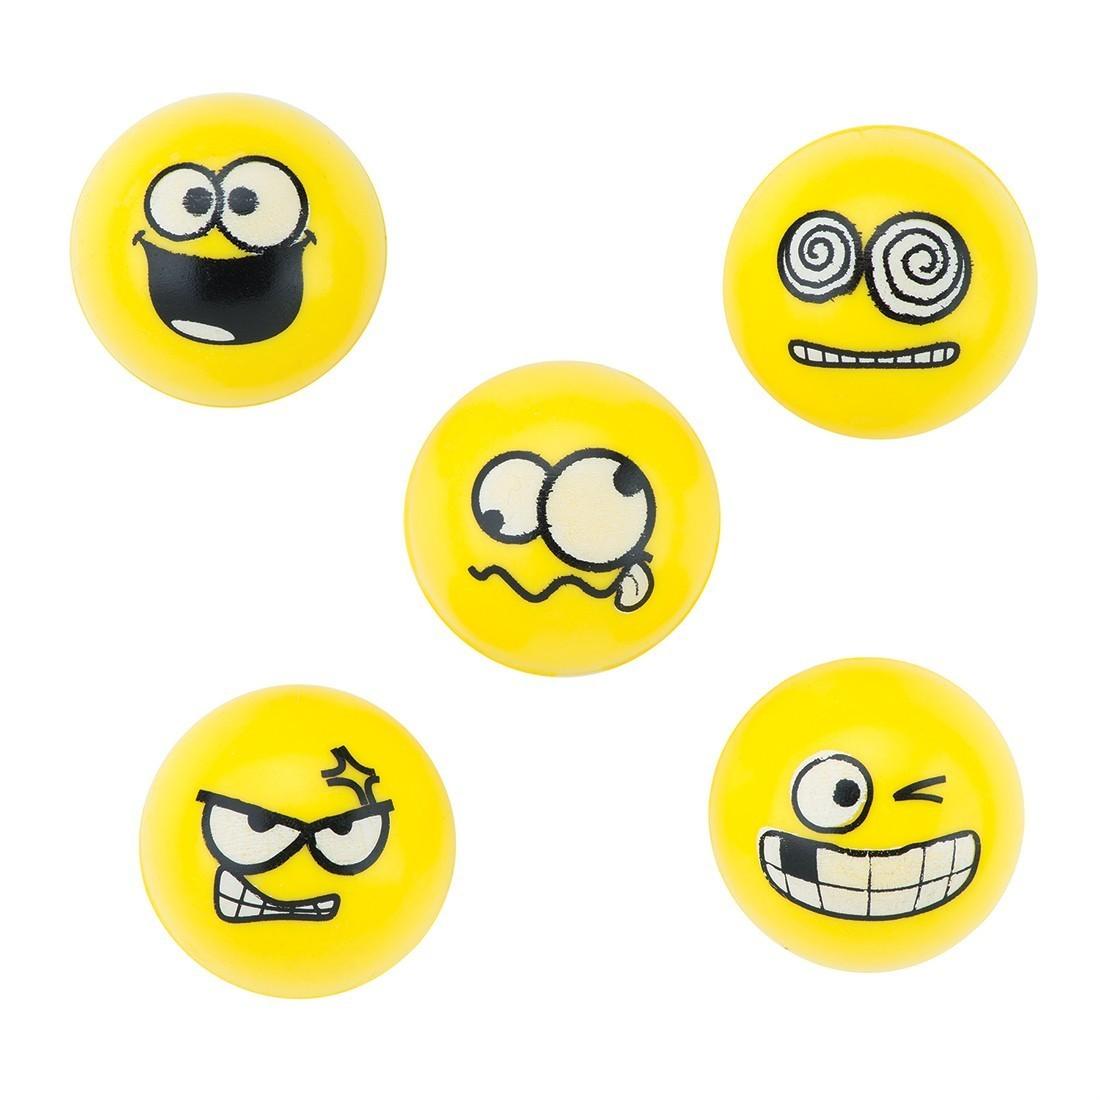 Emoji Bouncing Balls [image]